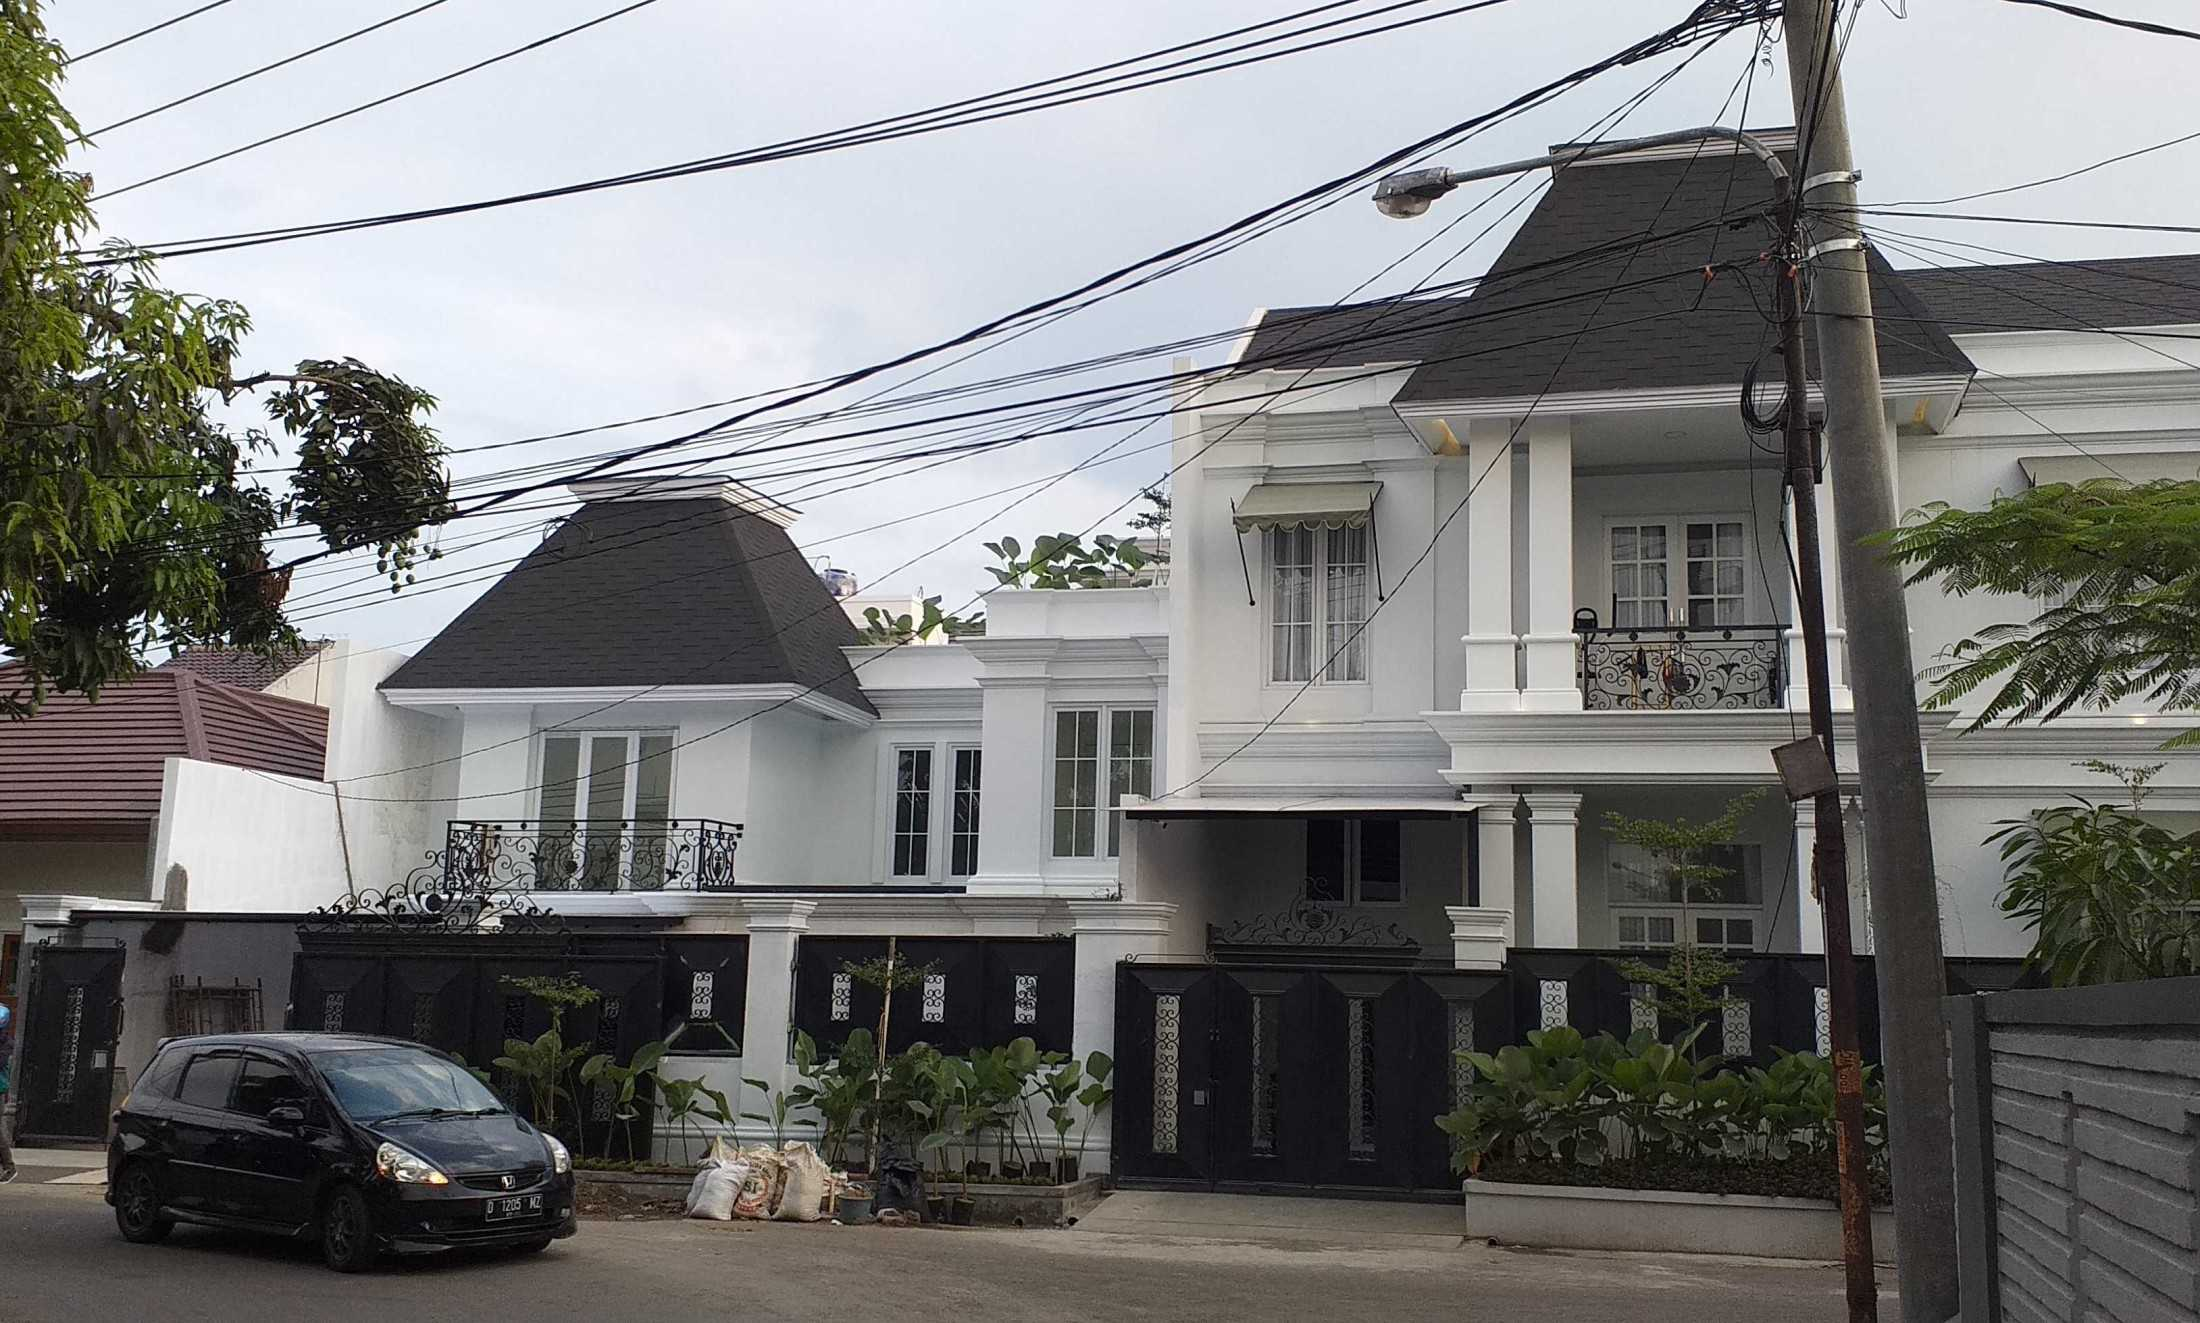 Himbar Buana Konstruksi Cs - House Kec. Margahayu, Bandung, Jawa Barat, Indonesia Kec. Margahayu, Bandung, Jawa Barat, Indonesia Himbar-Buana-Konstruksi-Cs-House  73093